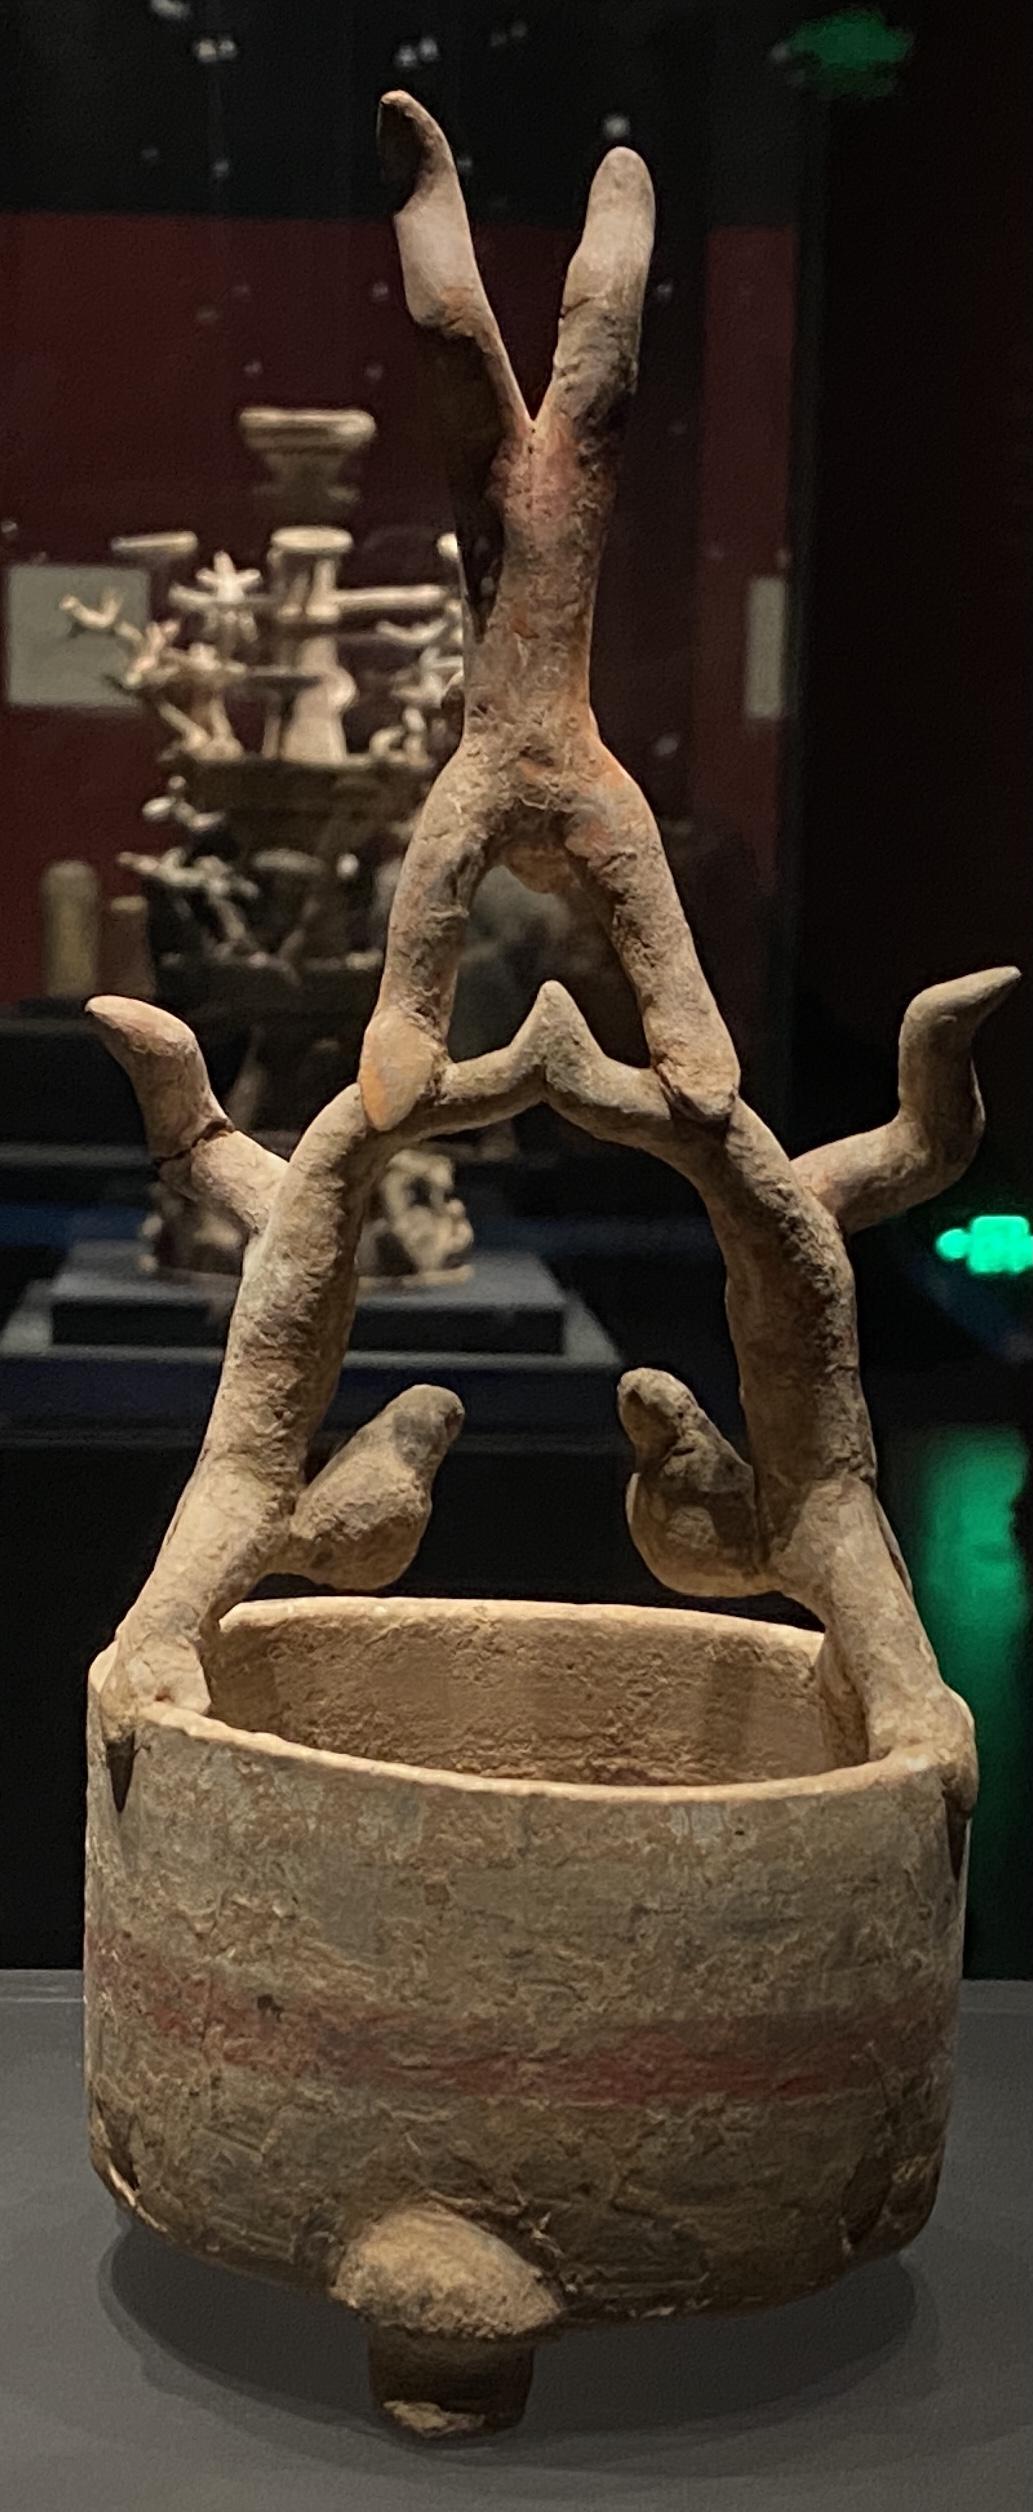 彩絵三人樽上逆さま雑技俑-【列備五都-秦漢時代の中国都市】-成都博物館-四川成都